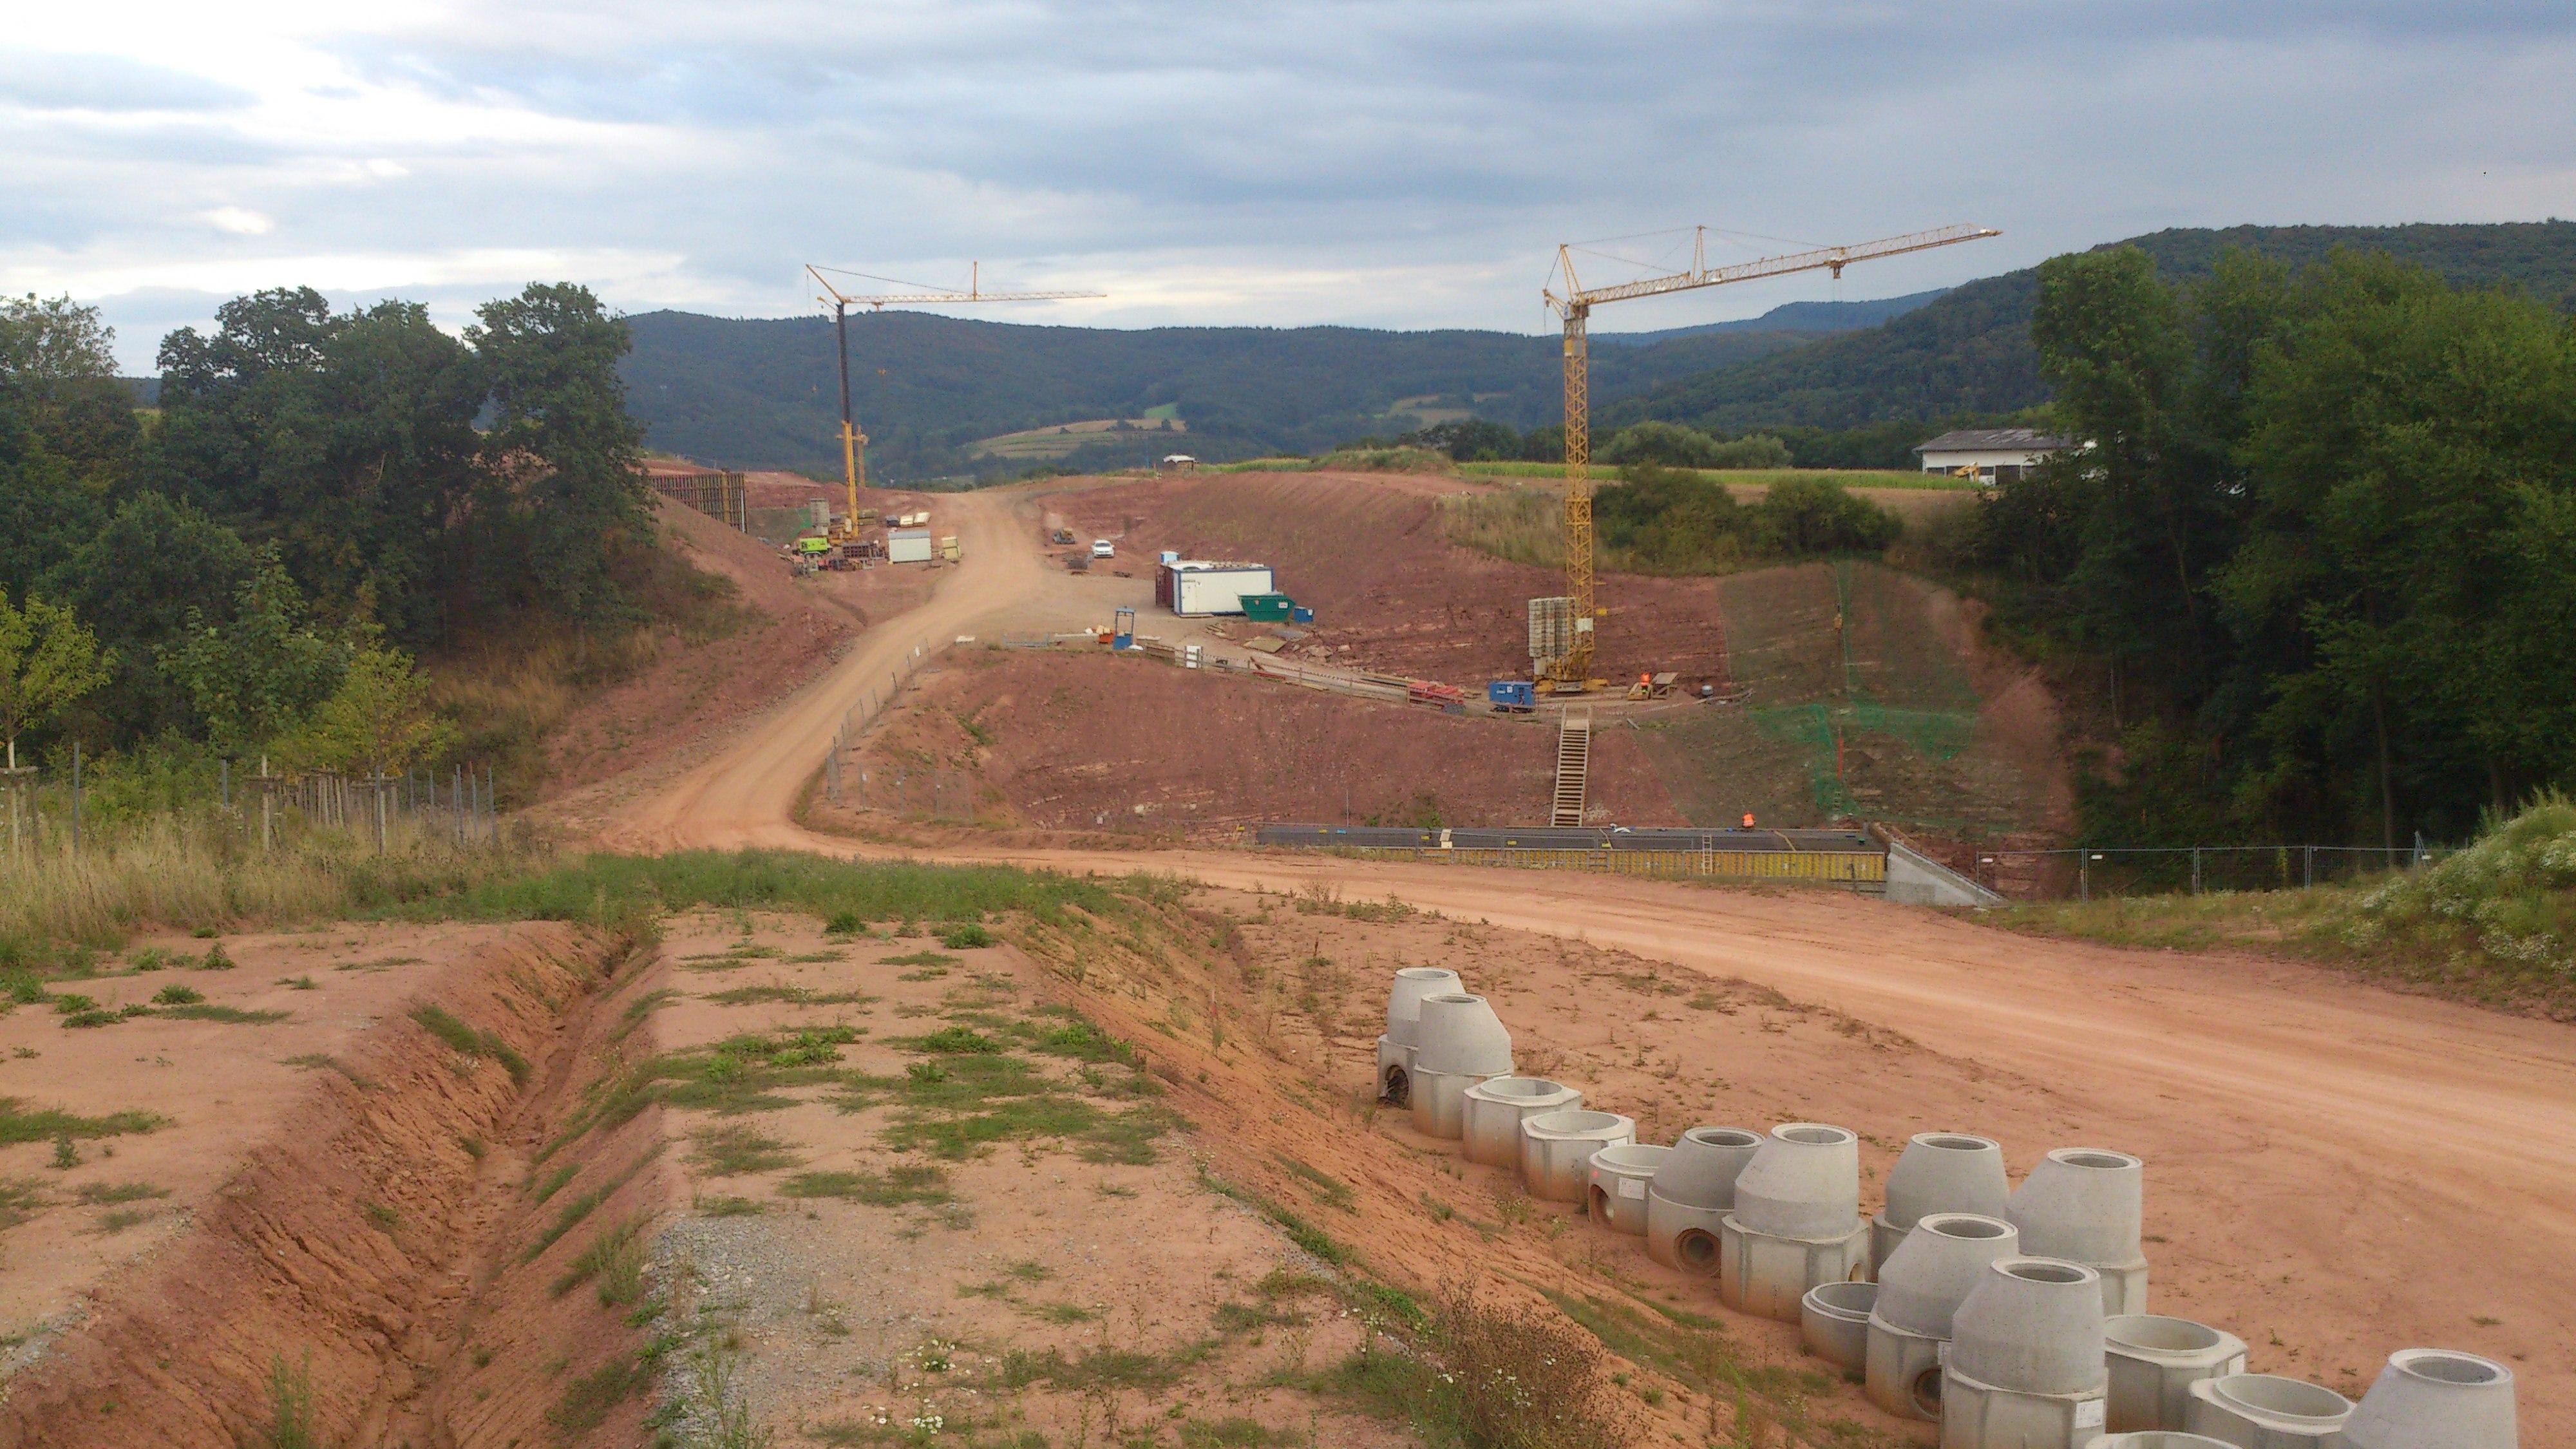 Bauarbeiten an der A44 - Aus der Kreistagsfraktion